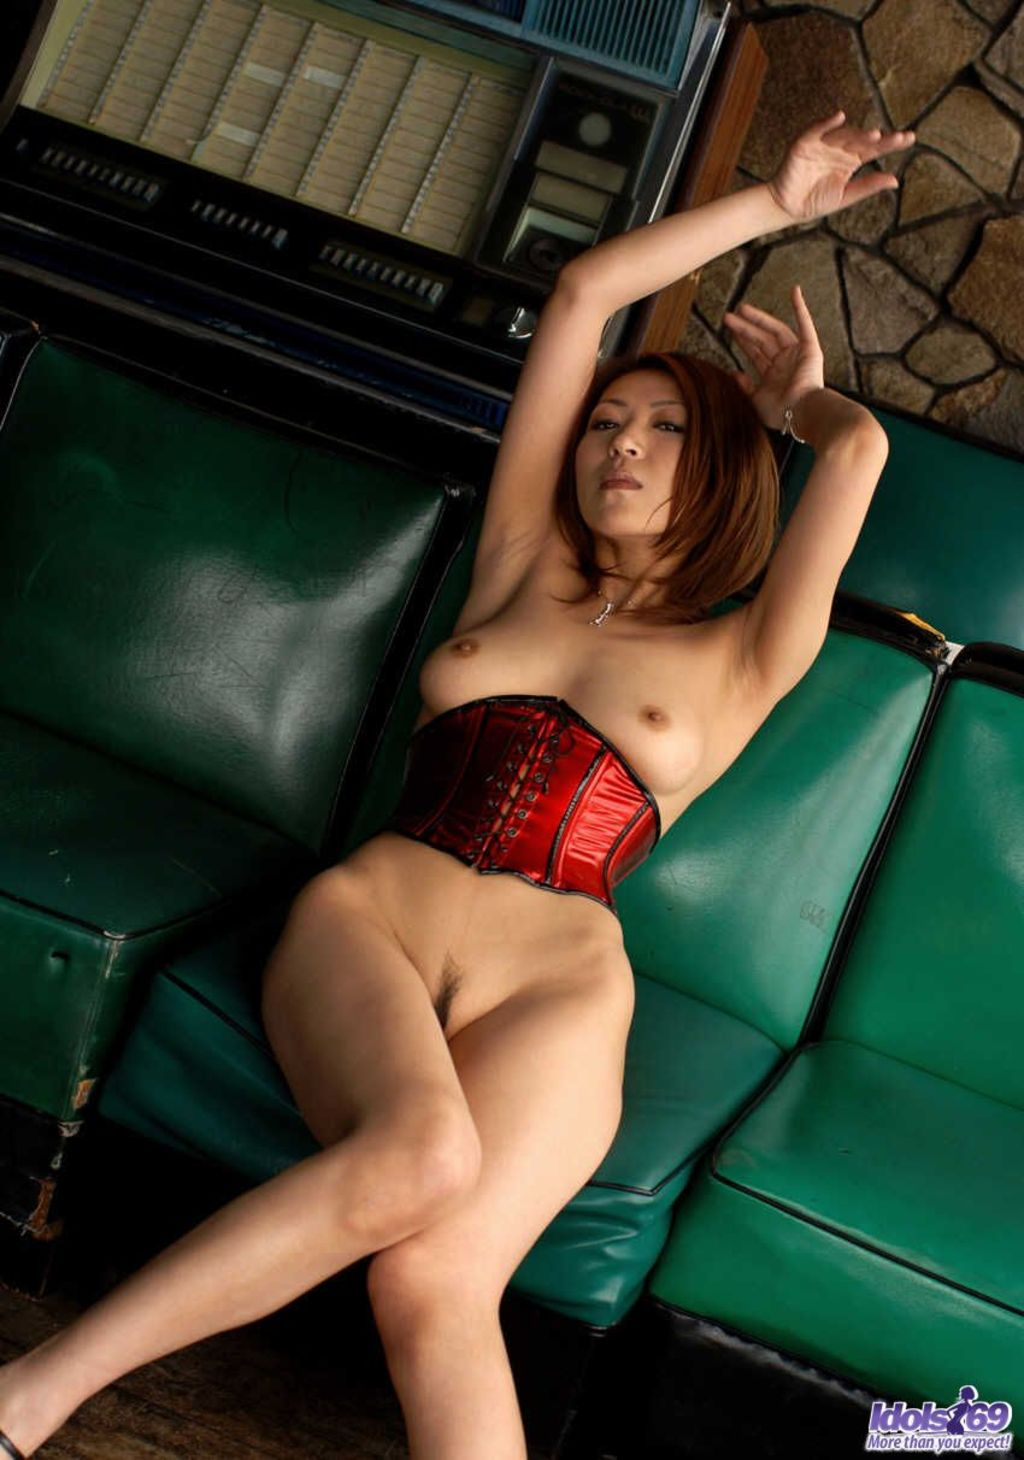 Lovely Asian Model In Red Lingerie 00